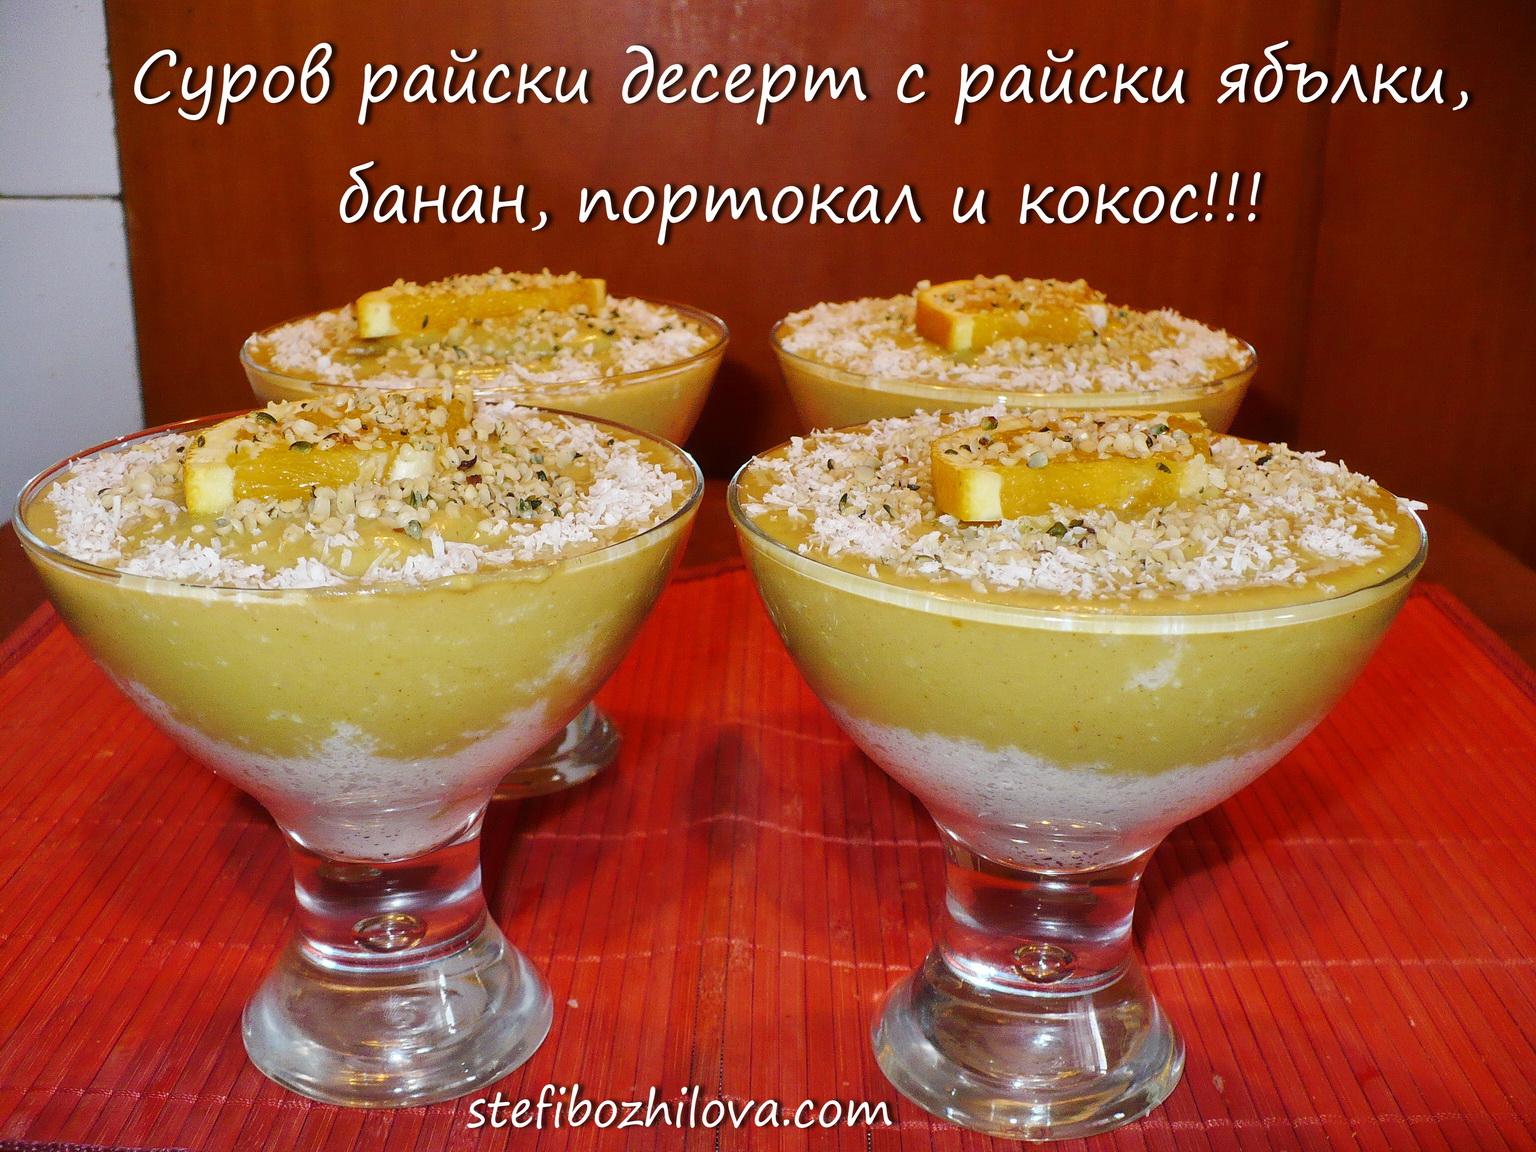 Суров десерт с райски ябълки